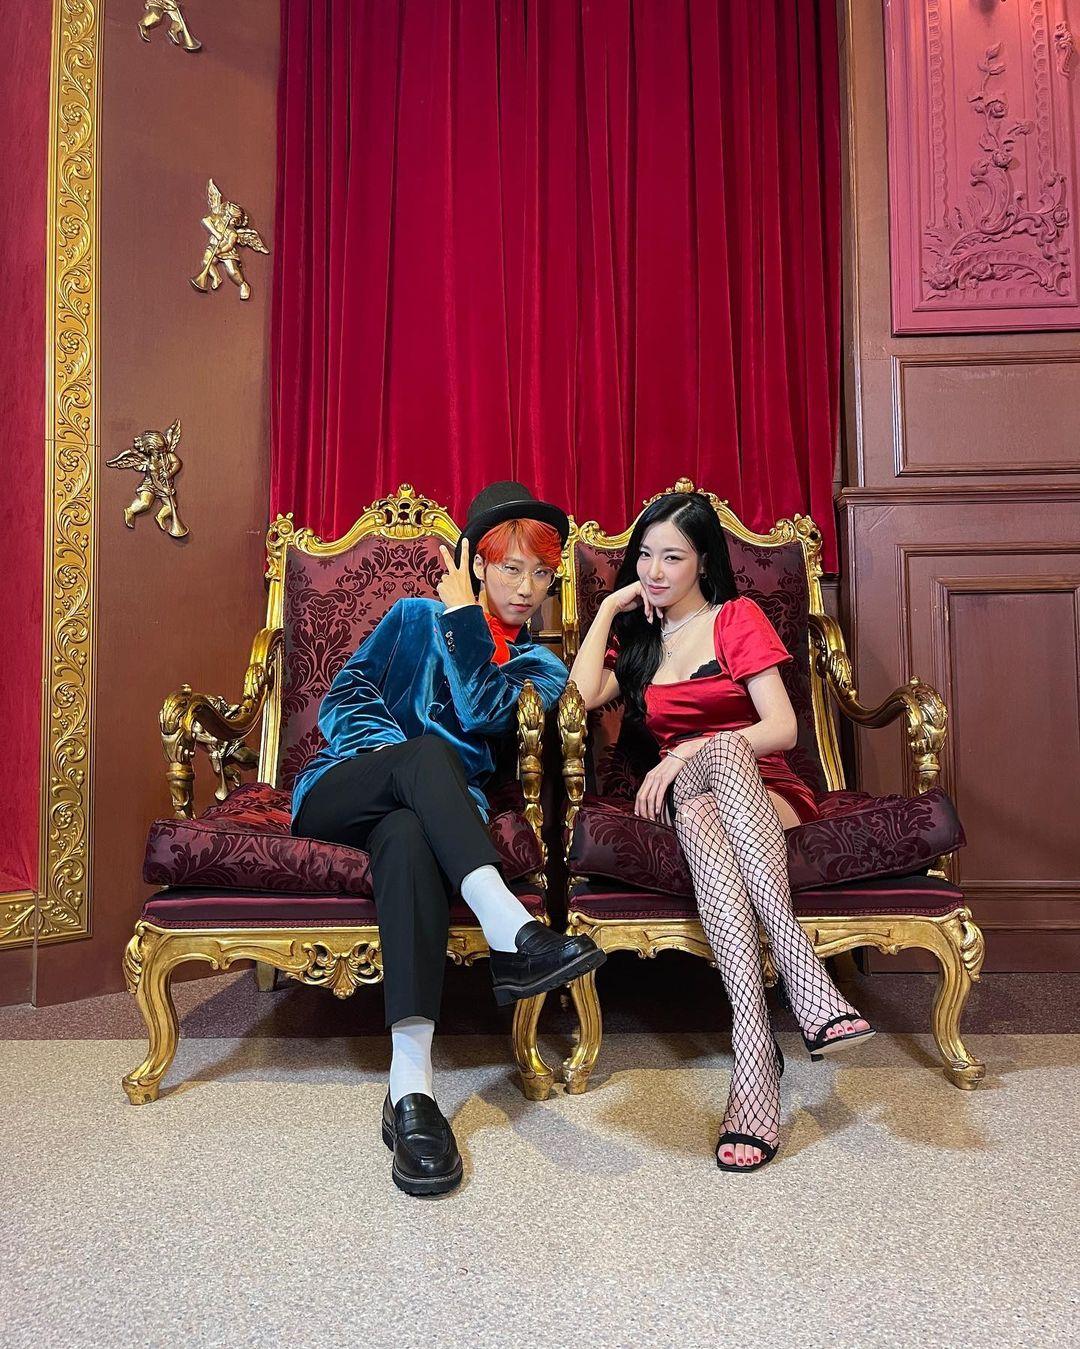 明星上脚,Somi,Tiffany,Nike,adidas,  细腰长腿的「人间芭比」!20 岁坐拥近千万粉丝!Somi 穿球鞋太会玩了!